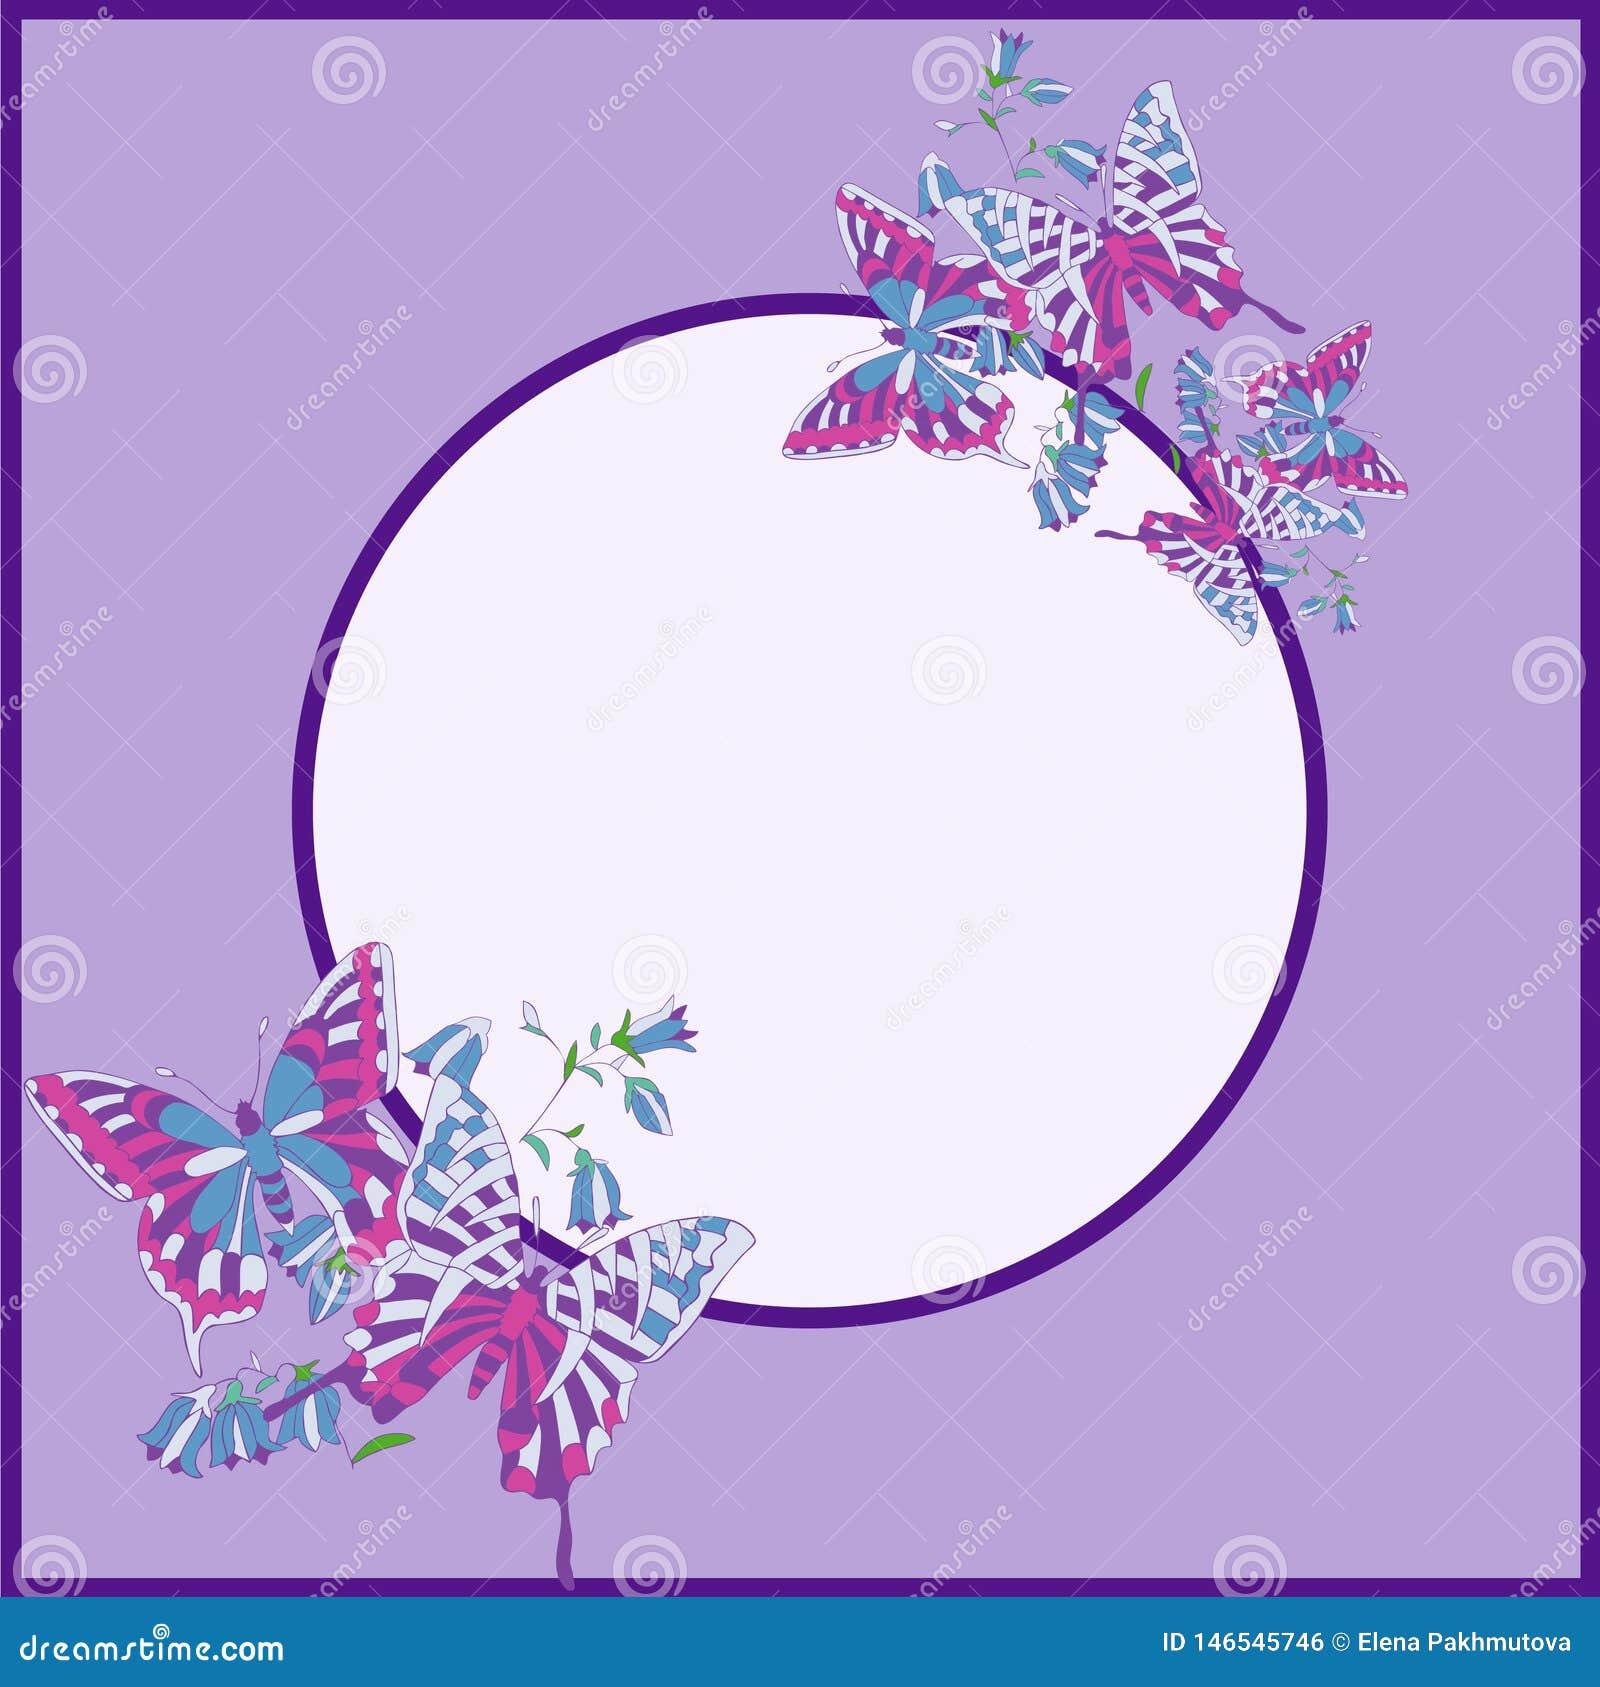 Muster, Blume, mit Blumen, nahtlos, abstrakt, Schmetterling, Dekoration, Rosa, Blumen, Entwurf, Illustration, Natur, Wei?, Rot, K